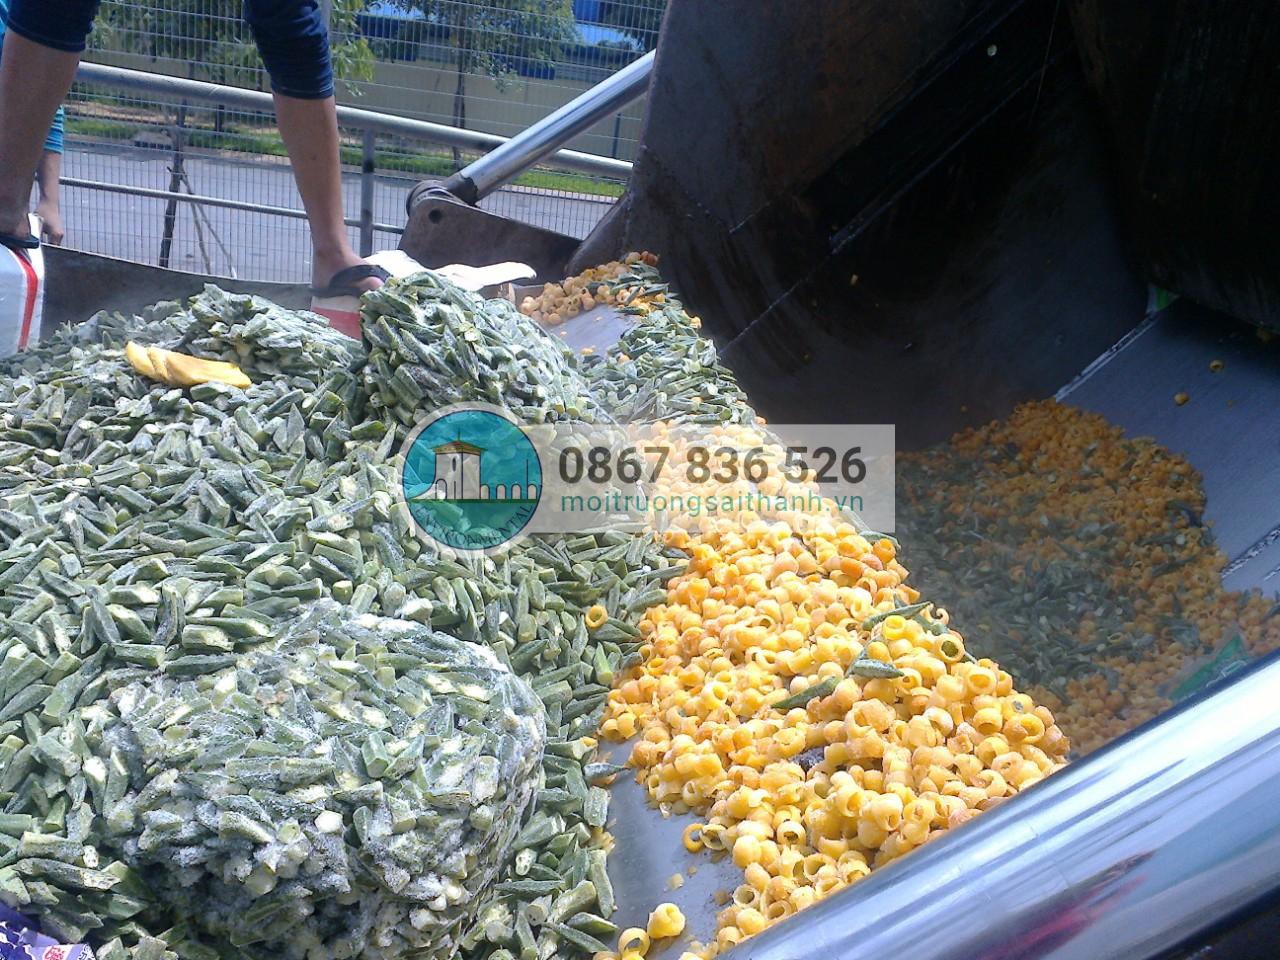 Tiêu hủy lô hàng thực phẩm hết hạn sử dụng